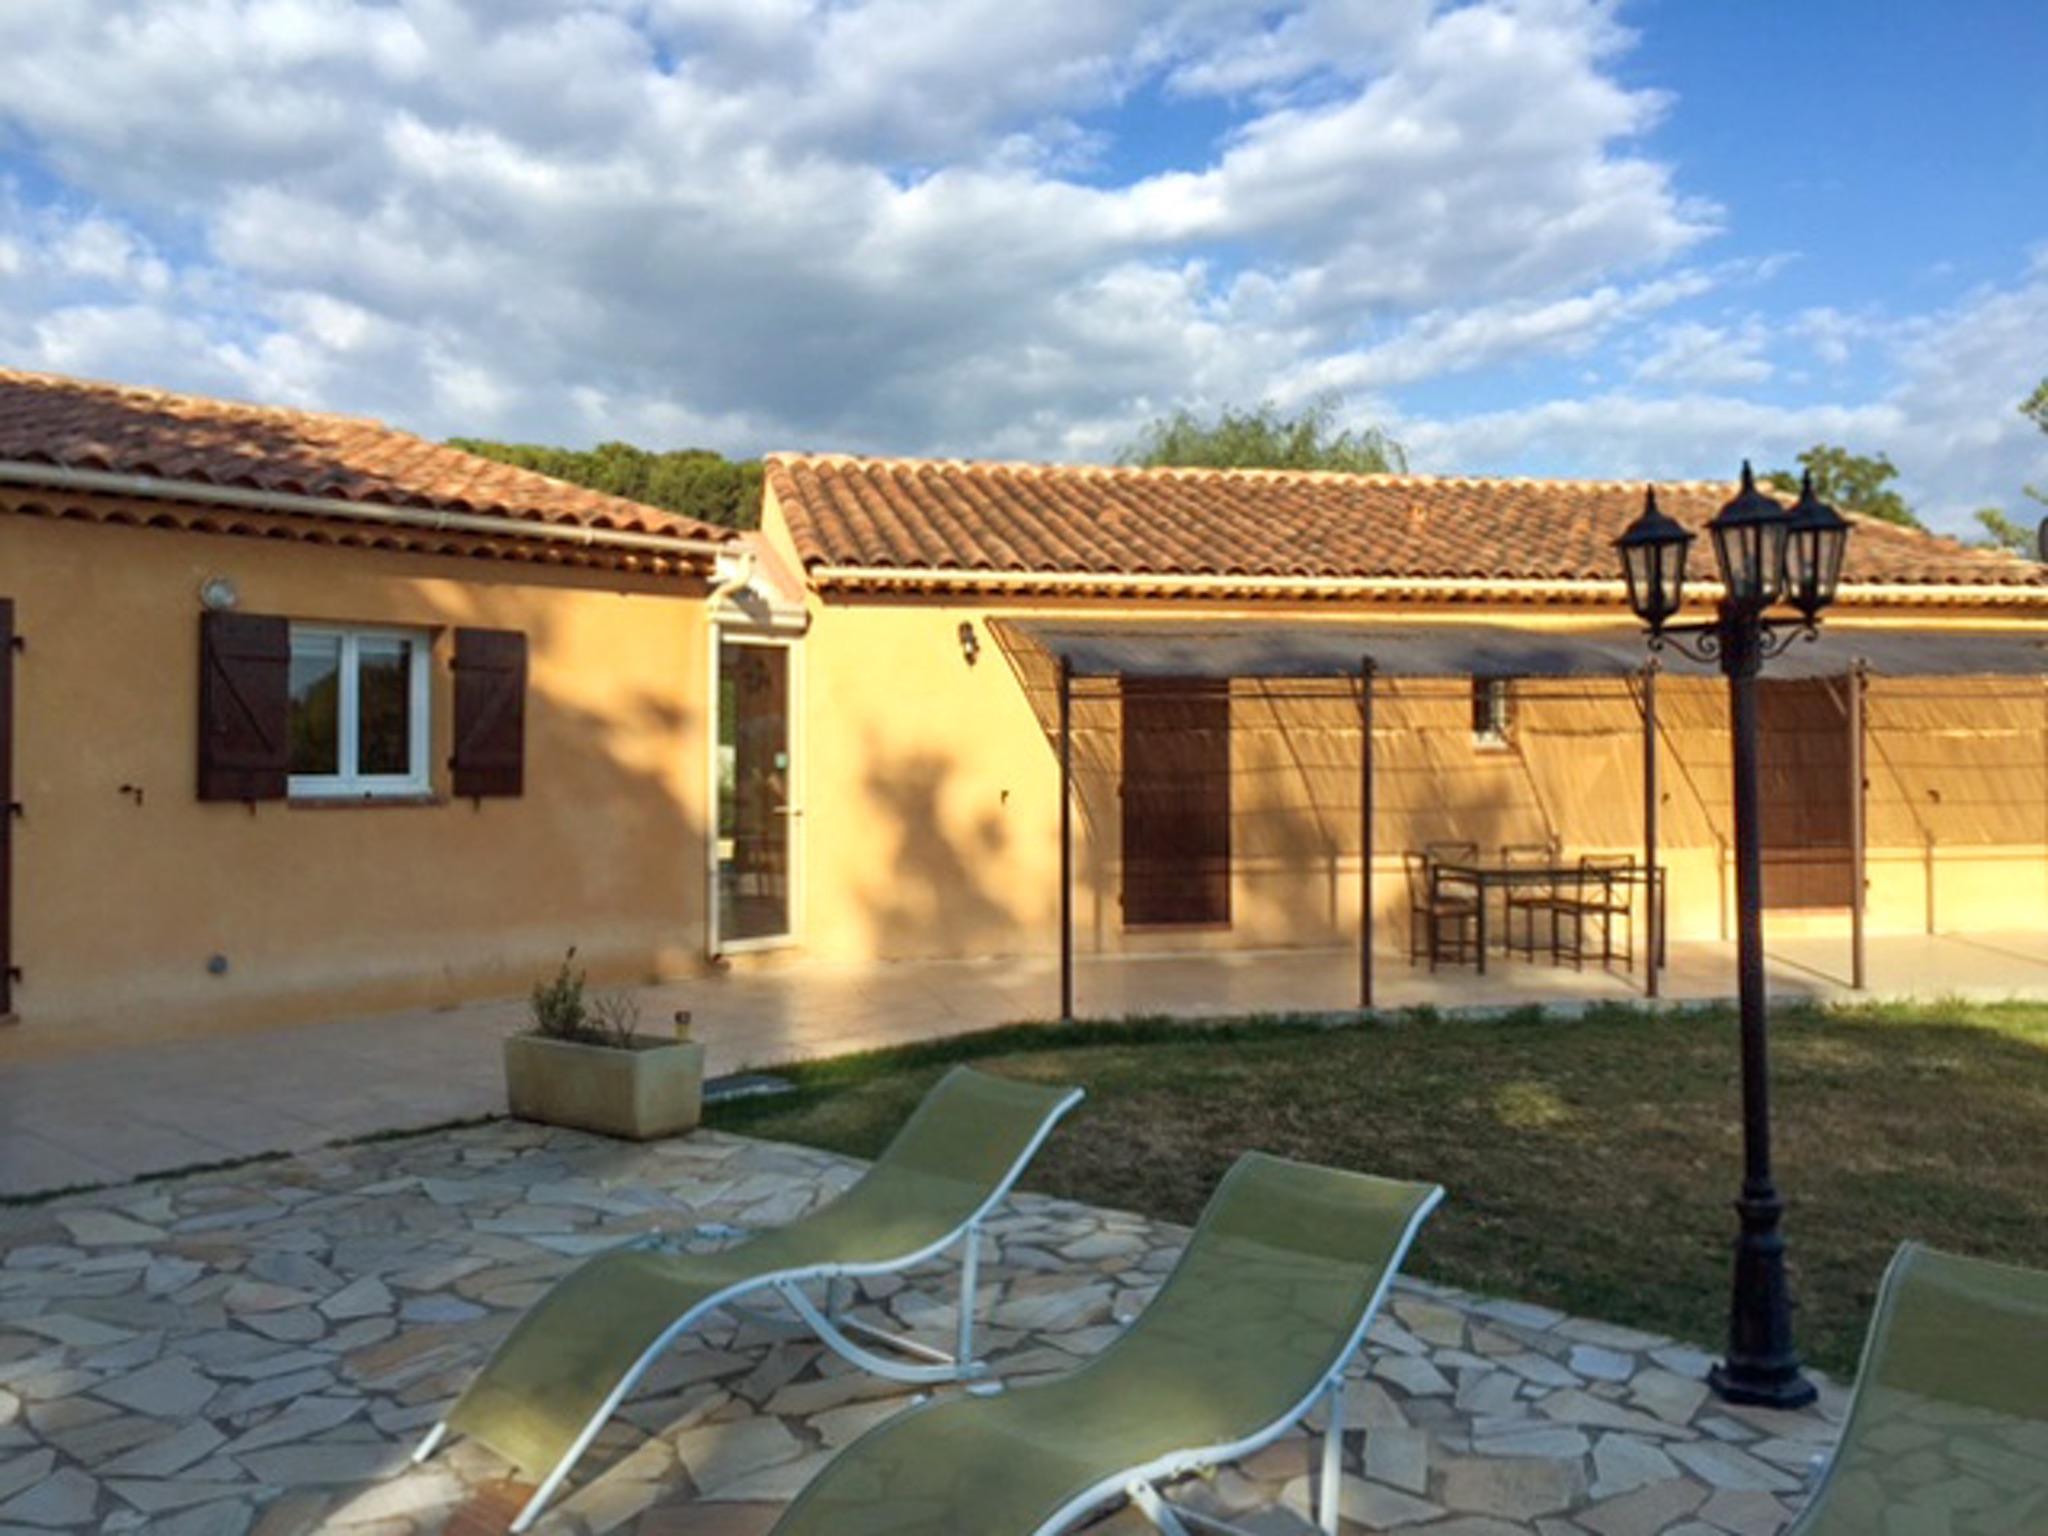 Ferienhaus Haus mit drei Schlafzimmern, Pool, Garten und Terrasse in der Luberon (2201928), Pertuis, Vaucluse, Provence - Alpen - Côte d'Azur, Frankreich, Bild 42